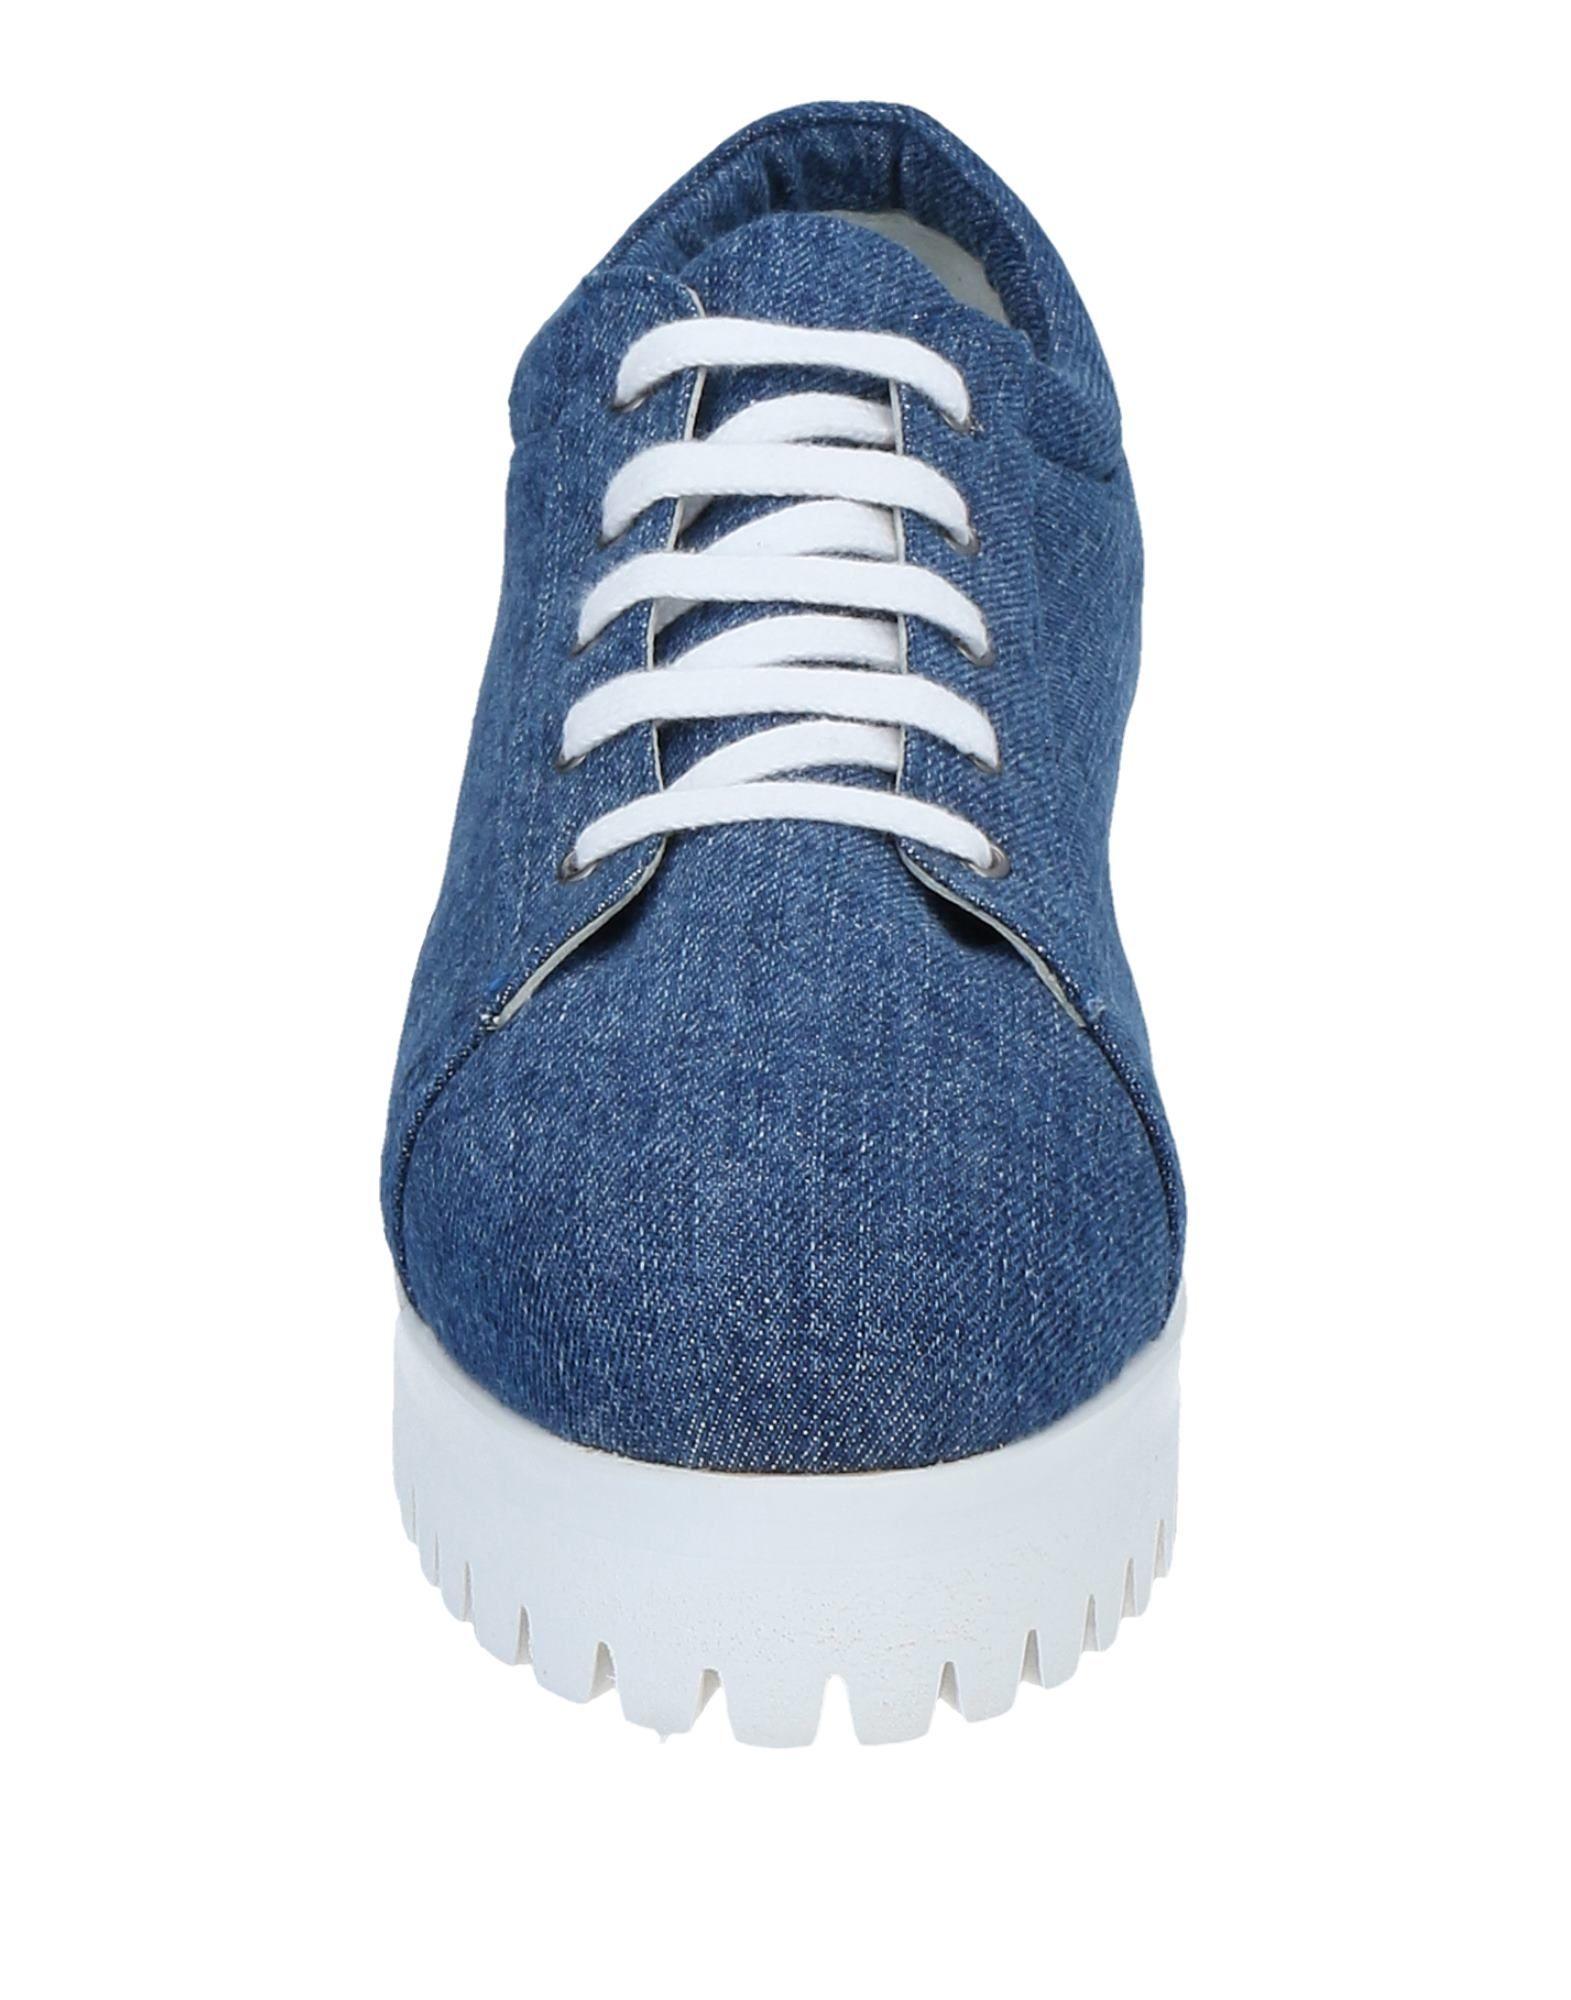 Paul & Joe Sneakers - Women Paul & & & Joe Sneakers online on  United Kingdom - 11510828XX 5faefa